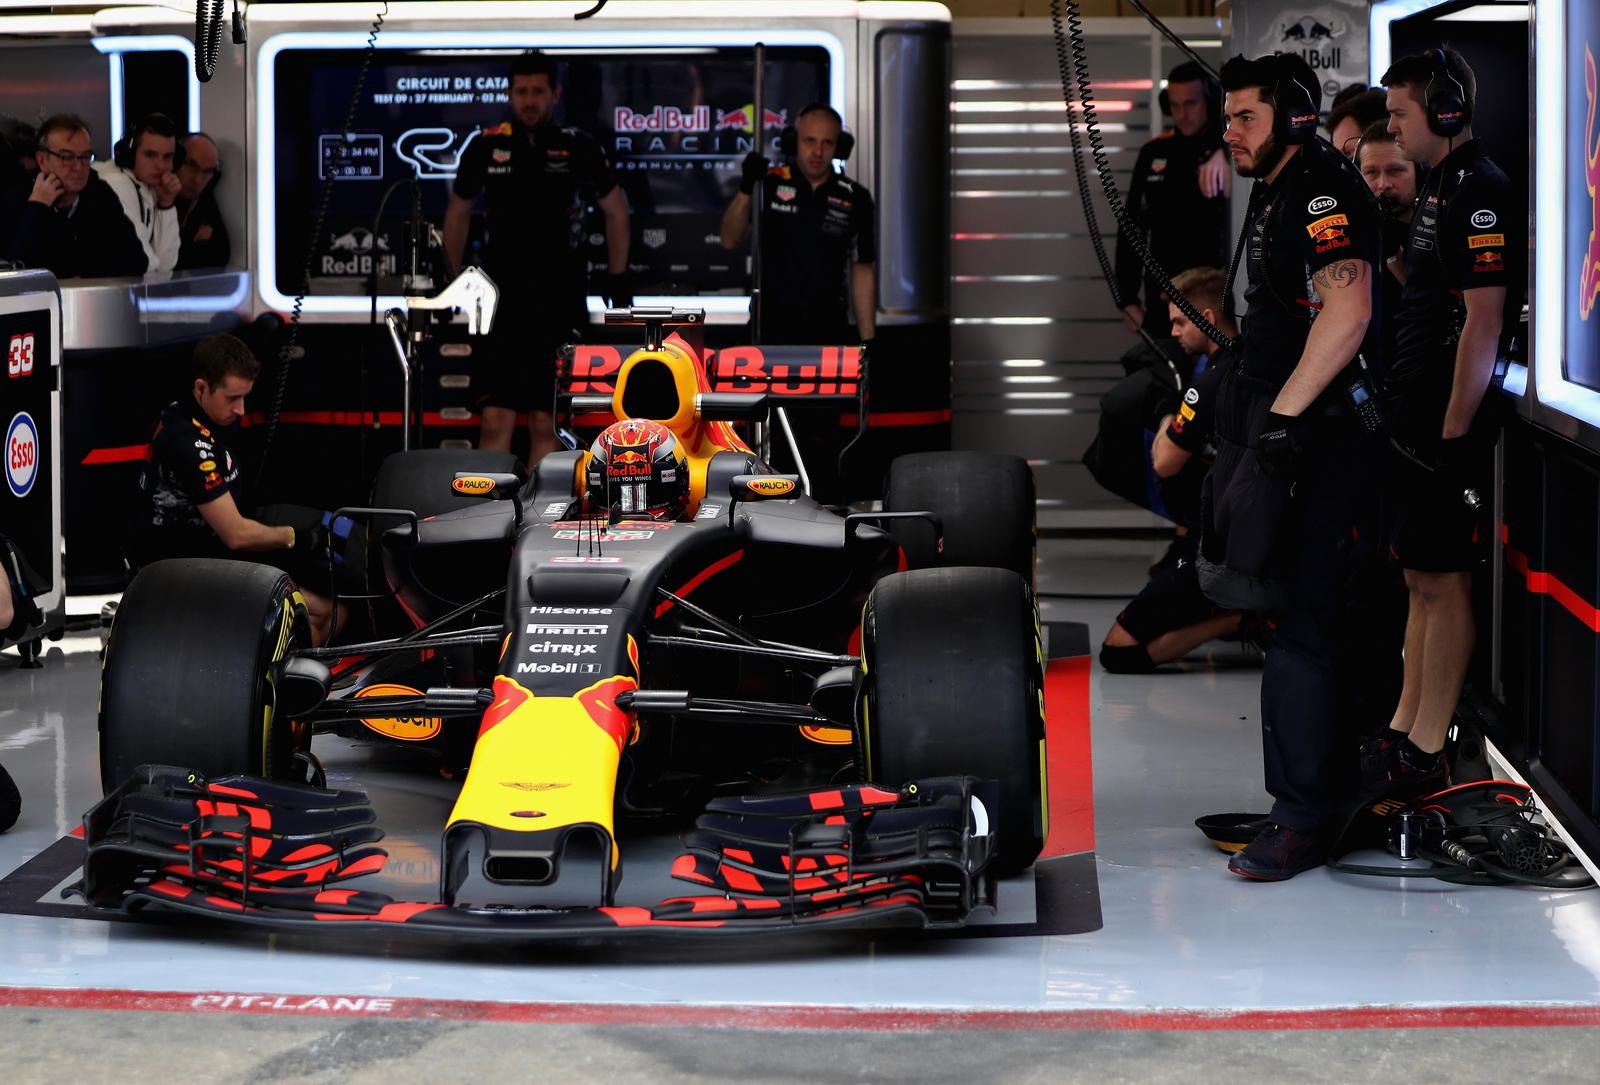 F1 - AZ FIA FIGYELMEZTETTE A FELFÜGGESZTÉSSEL TRÜKKÖZŐKET